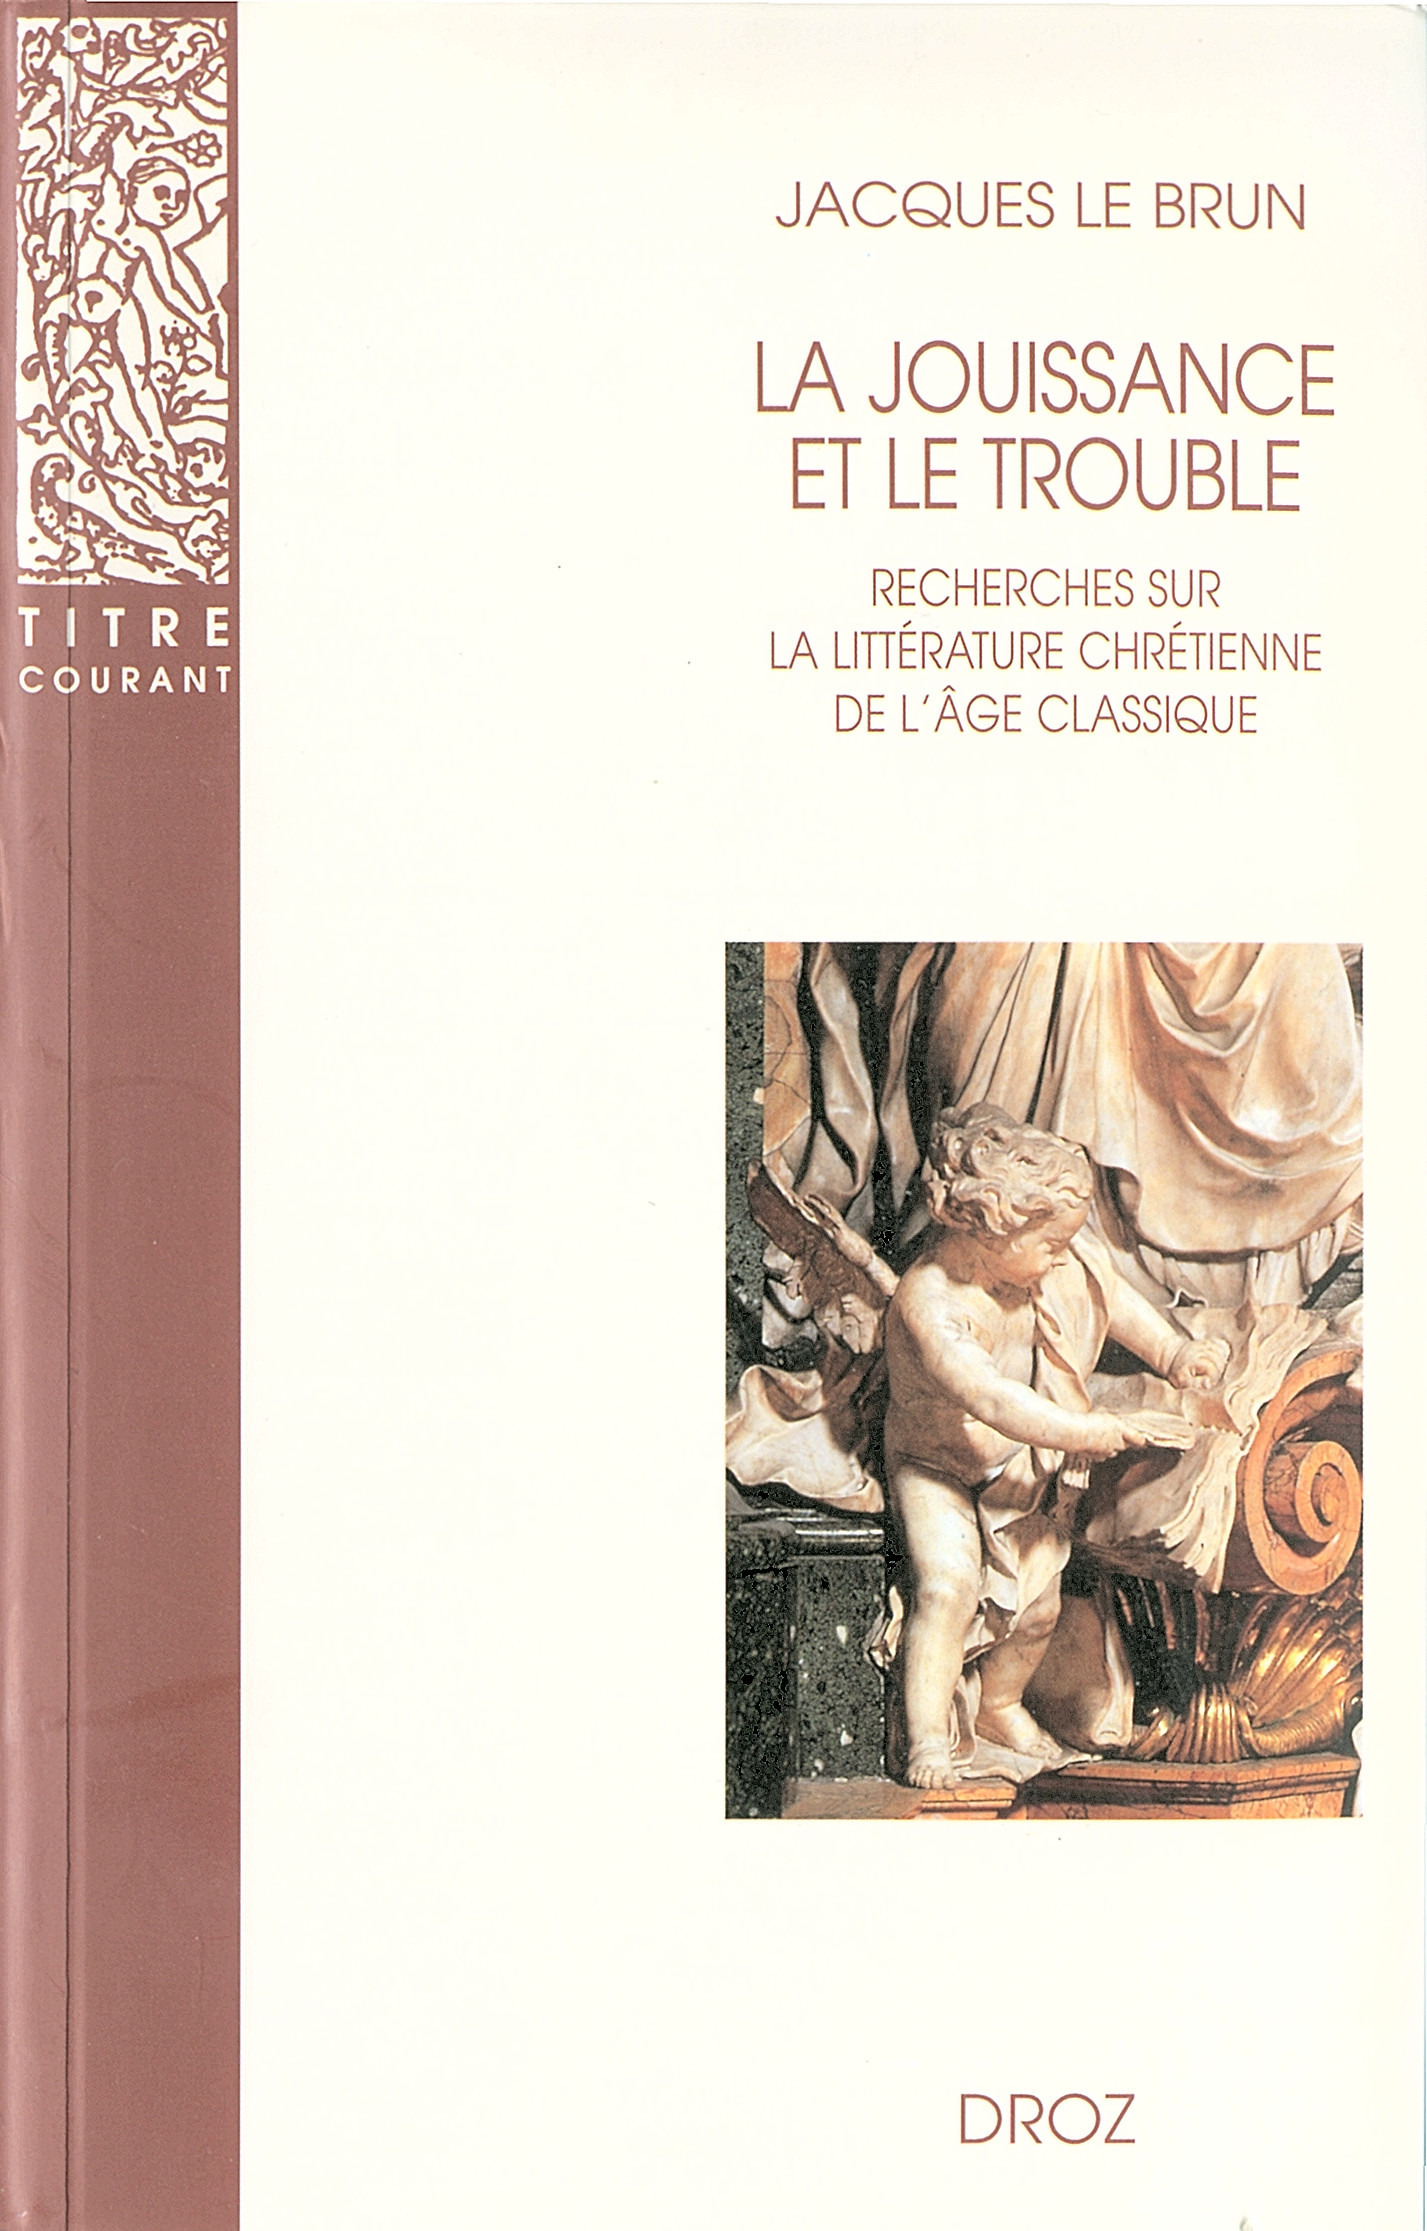 La Jouissance et le trouble : Recherches sur la littérature chrétienne de l'âge classique  - Jacques Le Brun